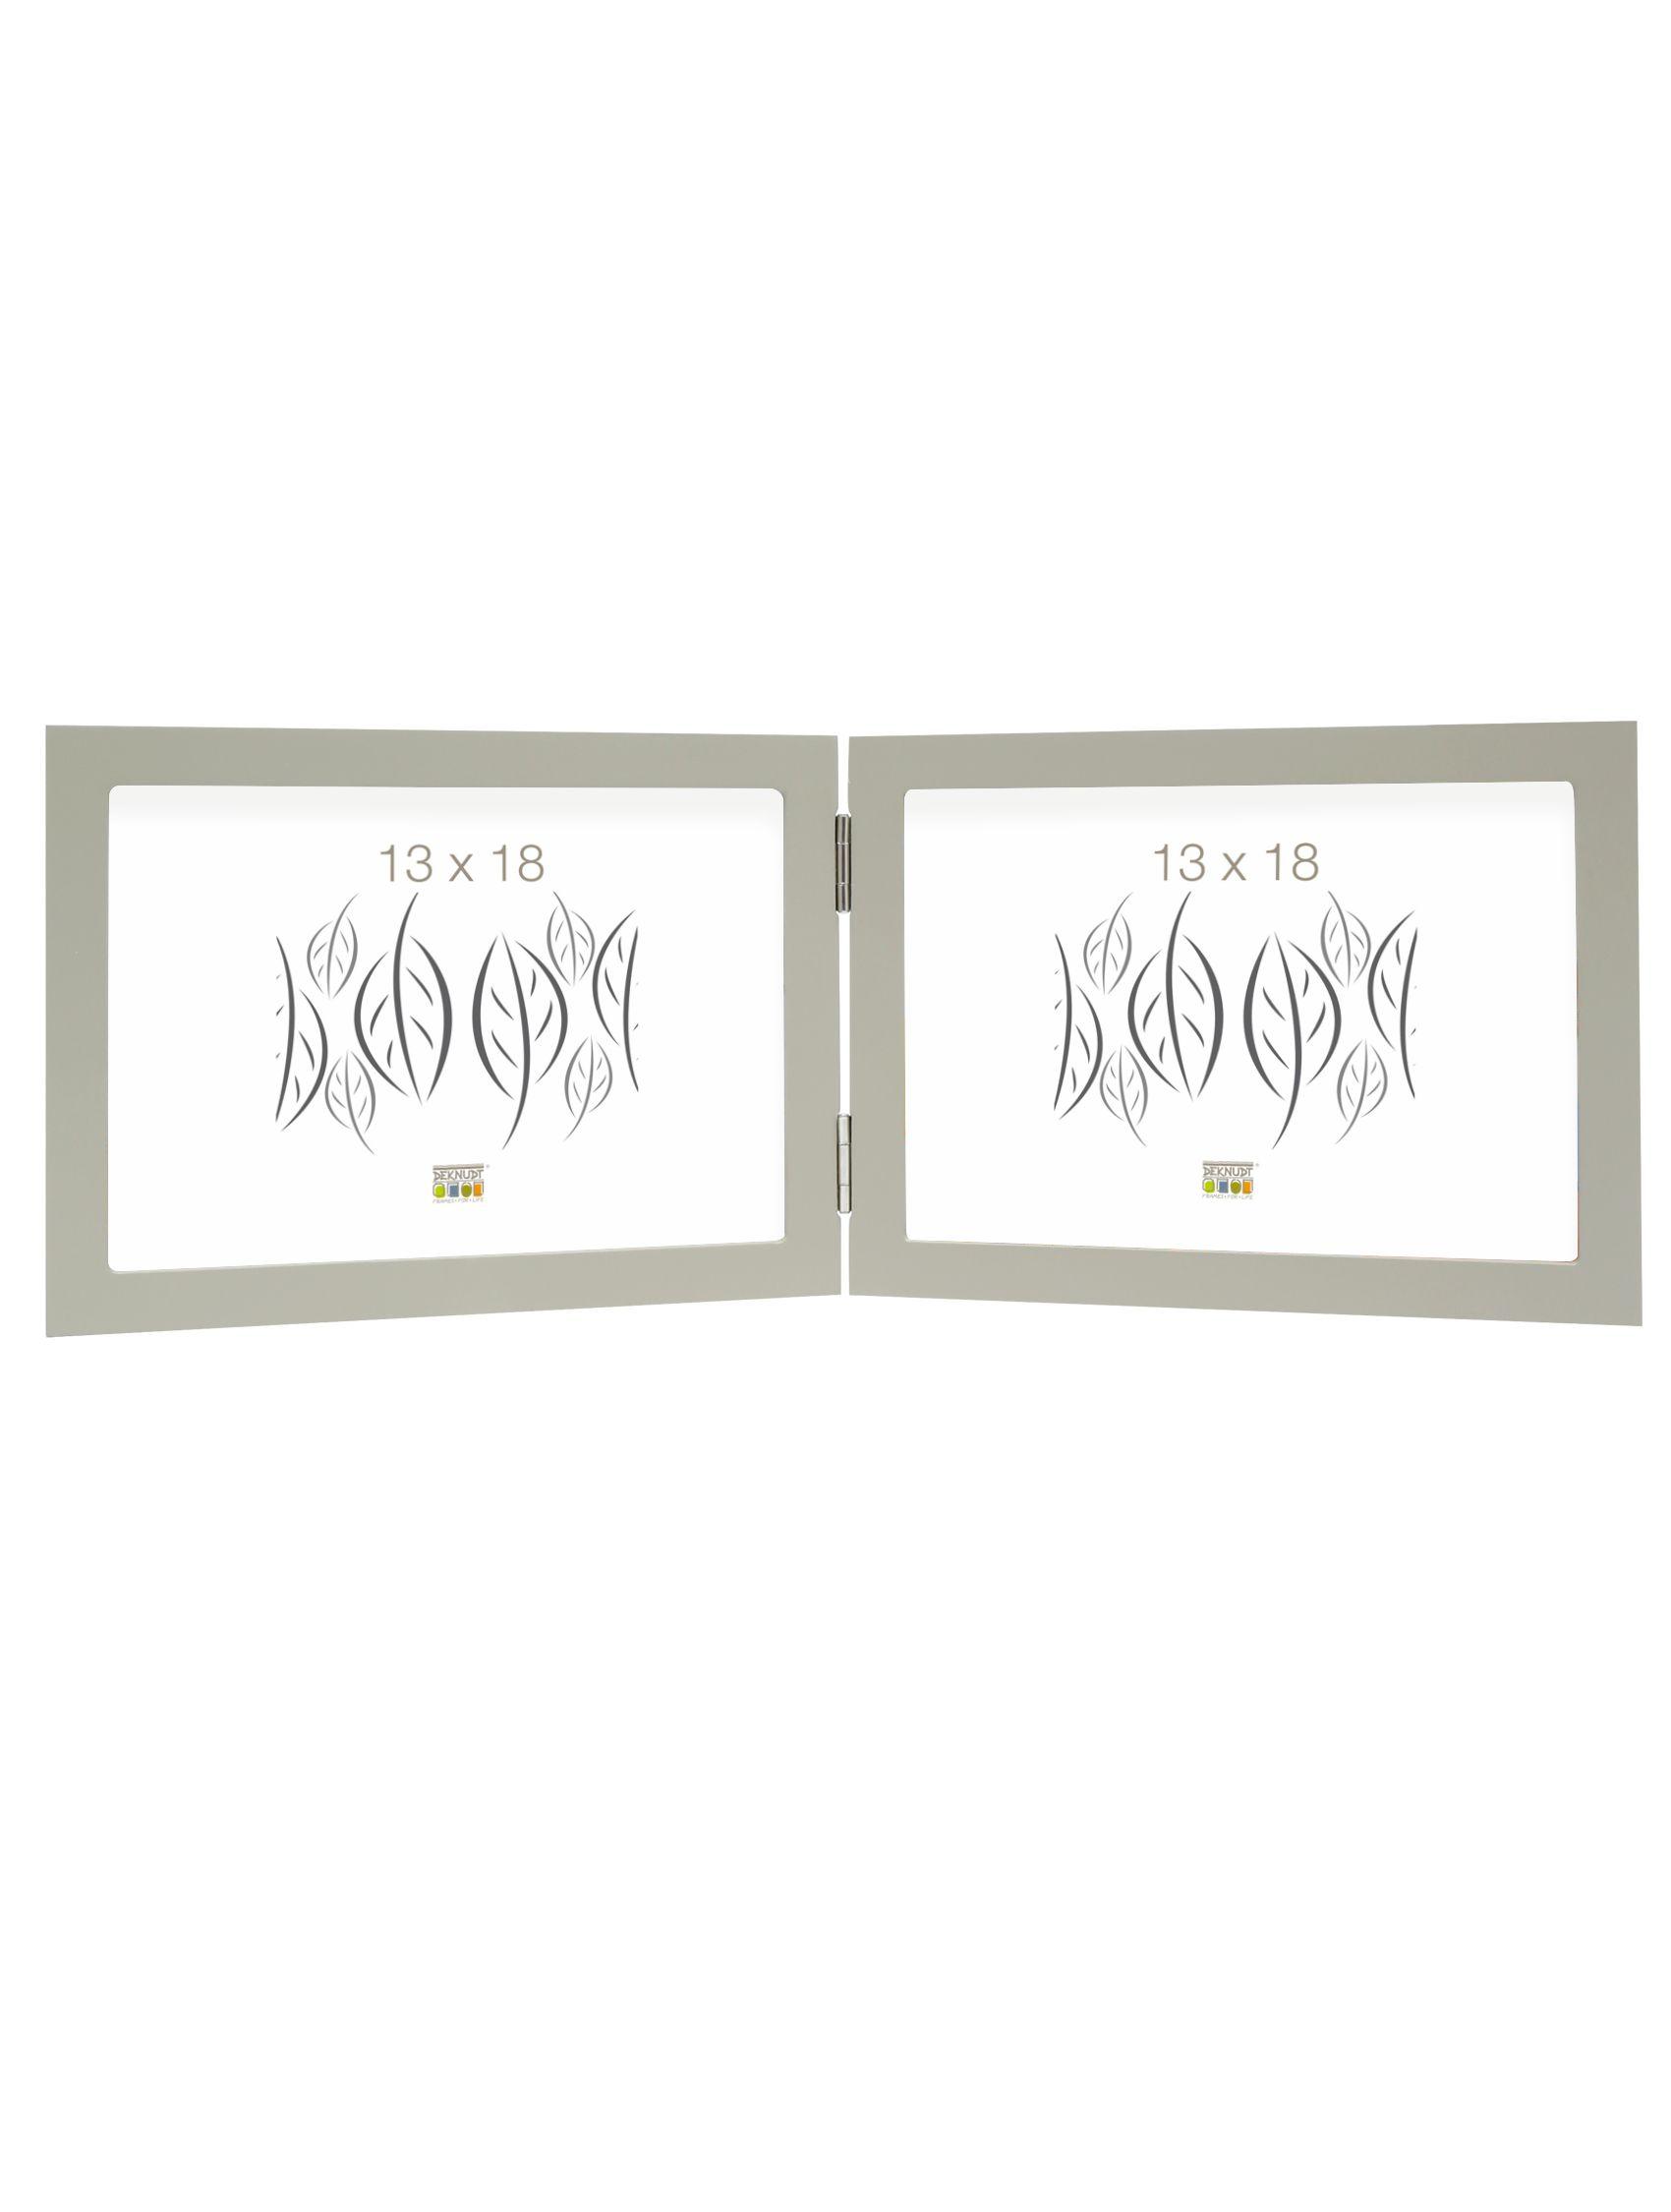 tweeluik grijs hout horizontaal S68FV7 H2H